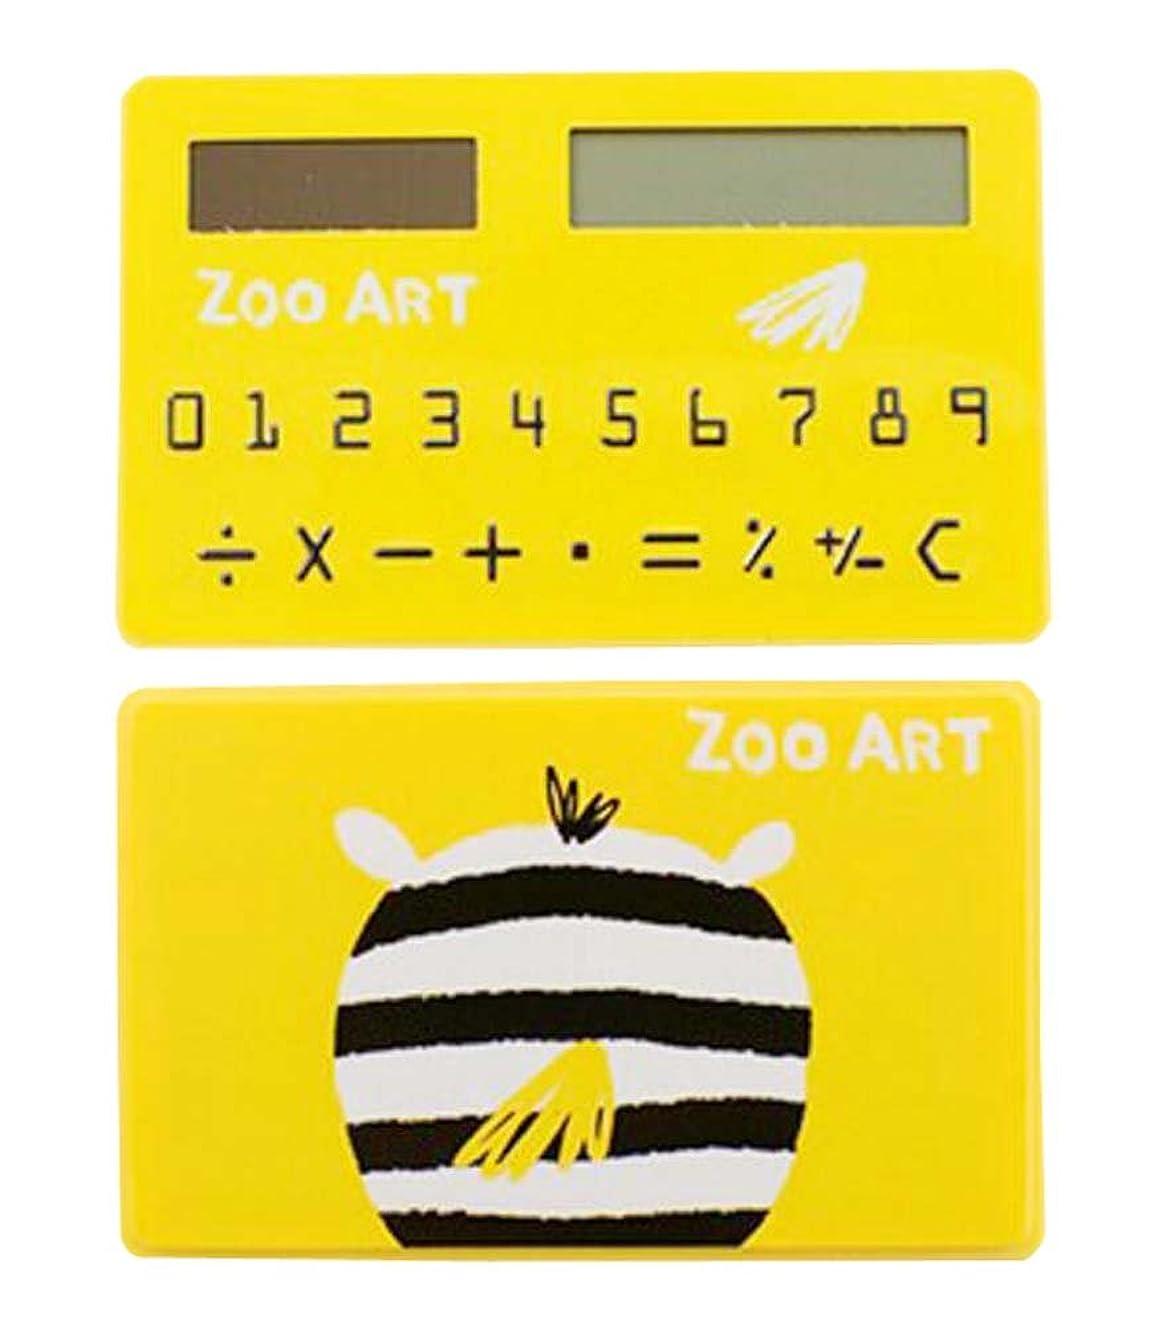 クリエイティブソーラー電卓かわいいミニ電卓、イエロー